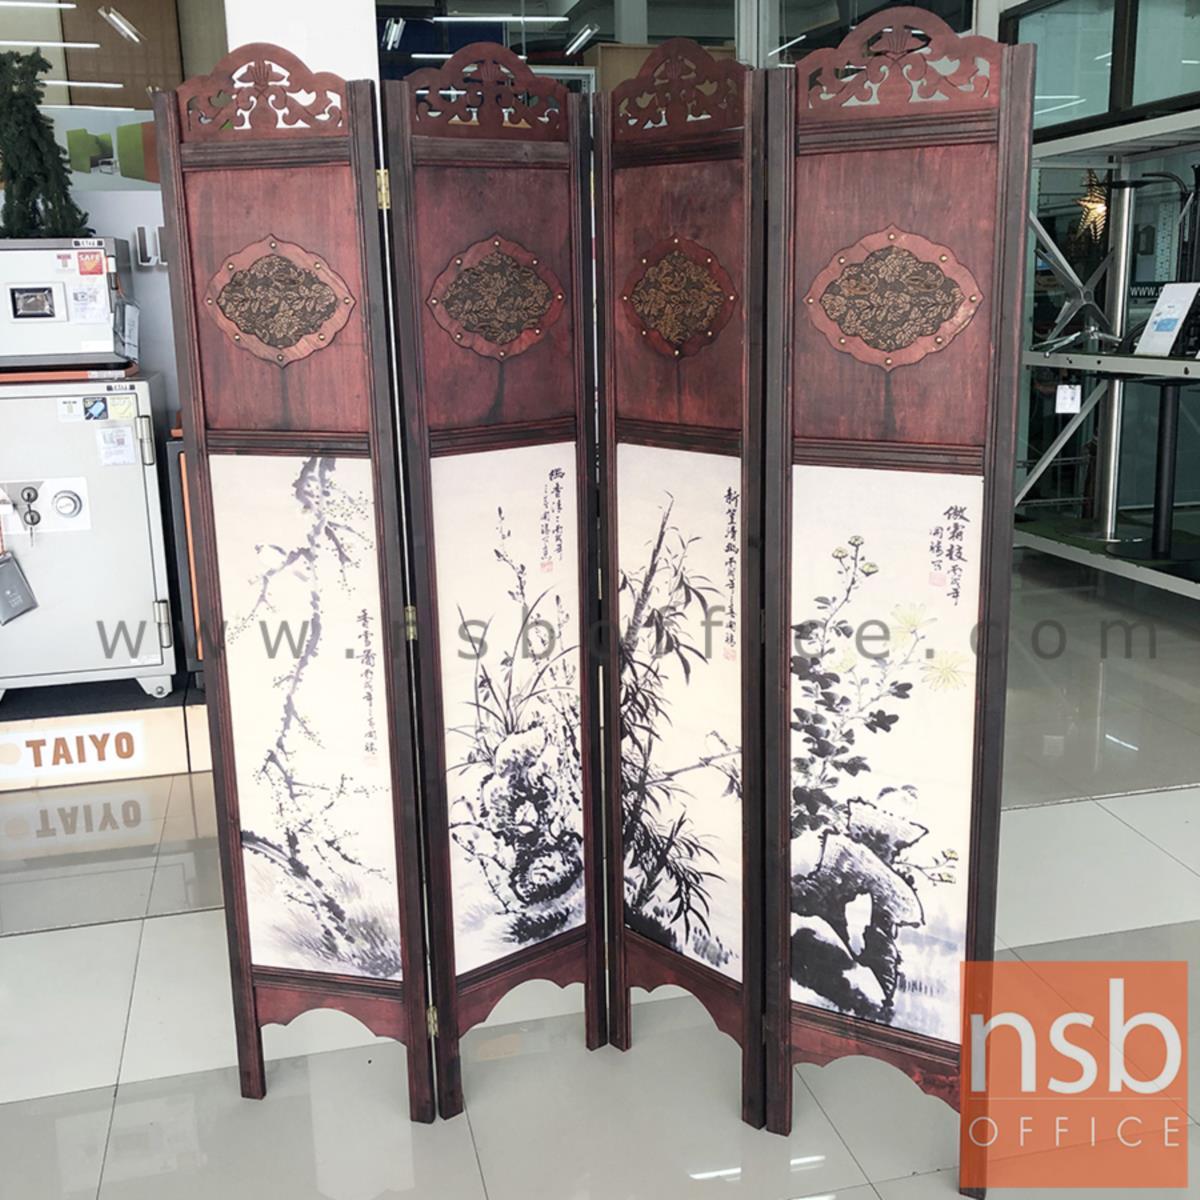 ฉากกั้นห้อง 4 บานพับไม้จริงลายภาพพู่กันจีน 140W*176H cm. รุ่น